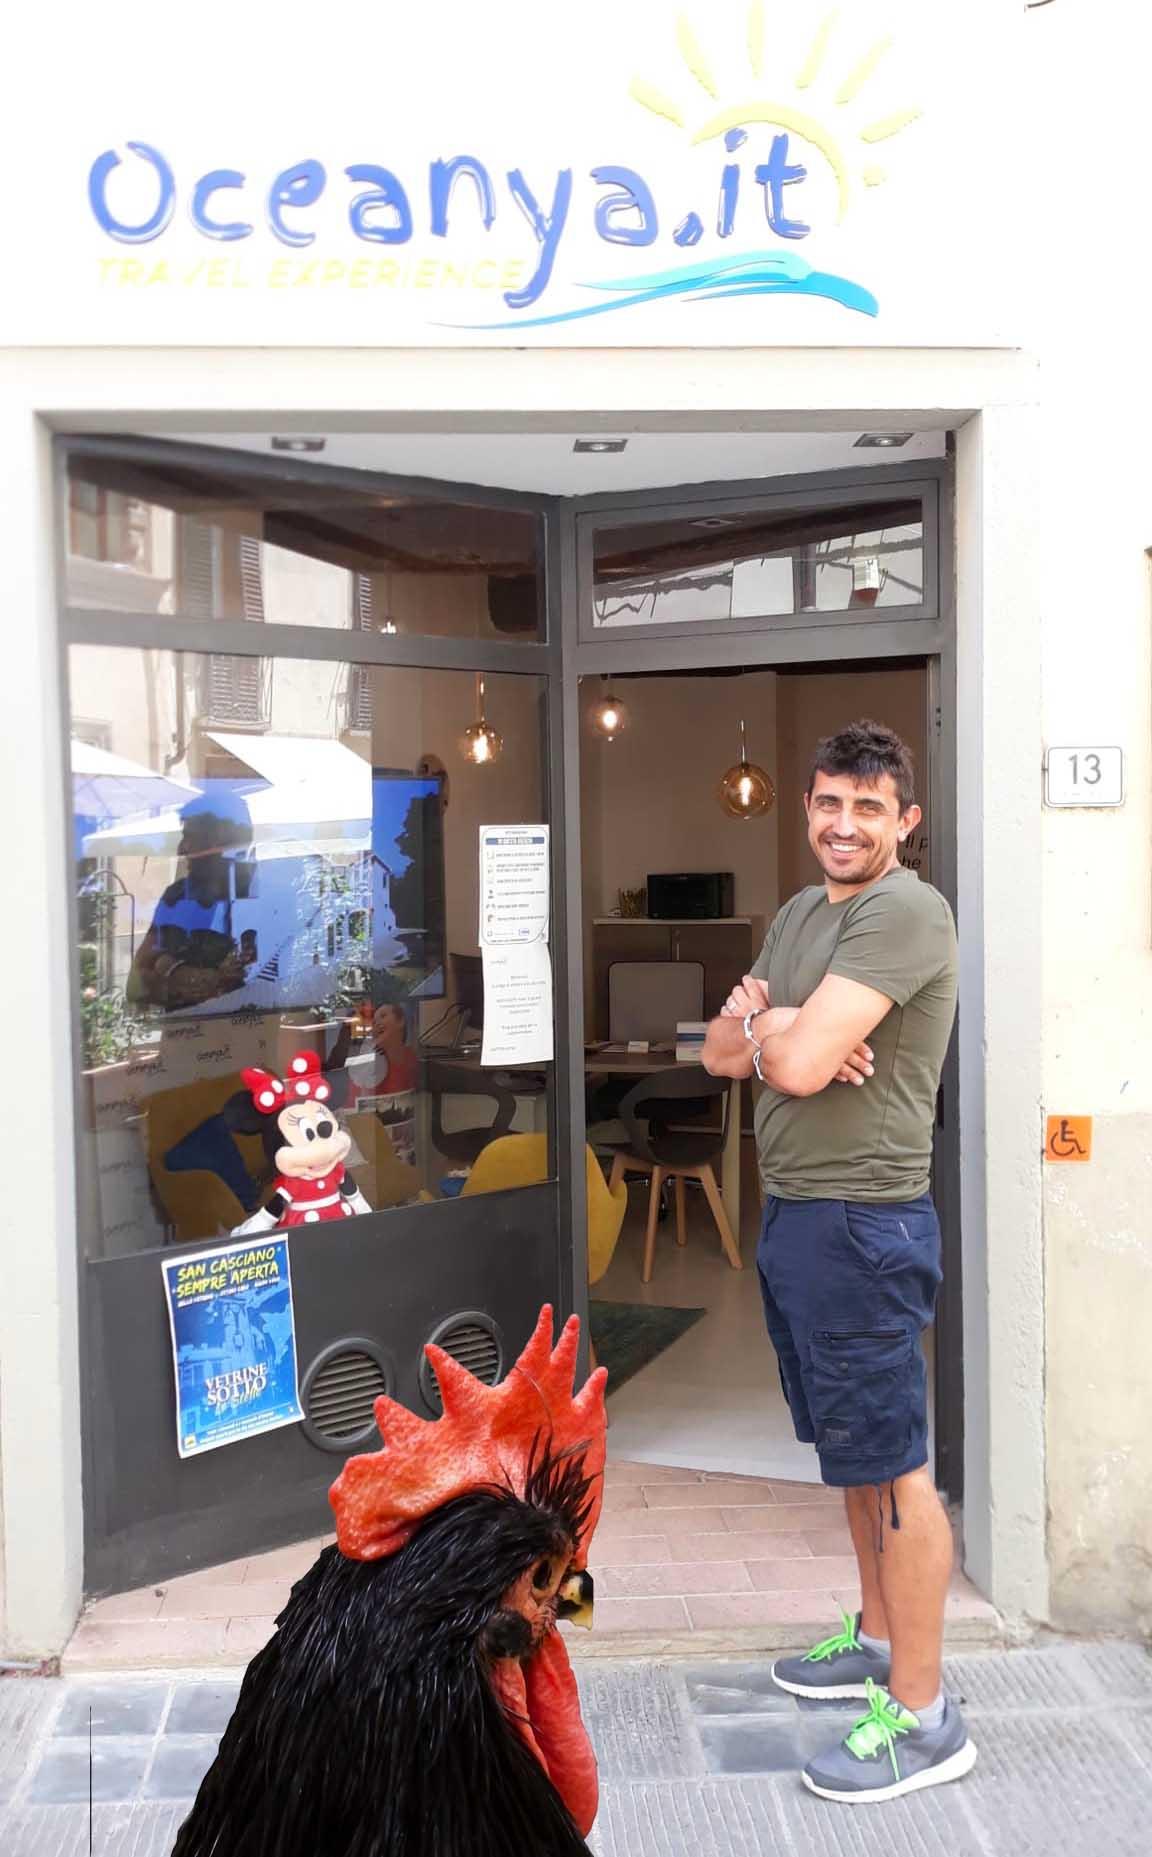 Cosimo Bacci Oceanya Agenzia Viaggi Chienti con Gallo Nero